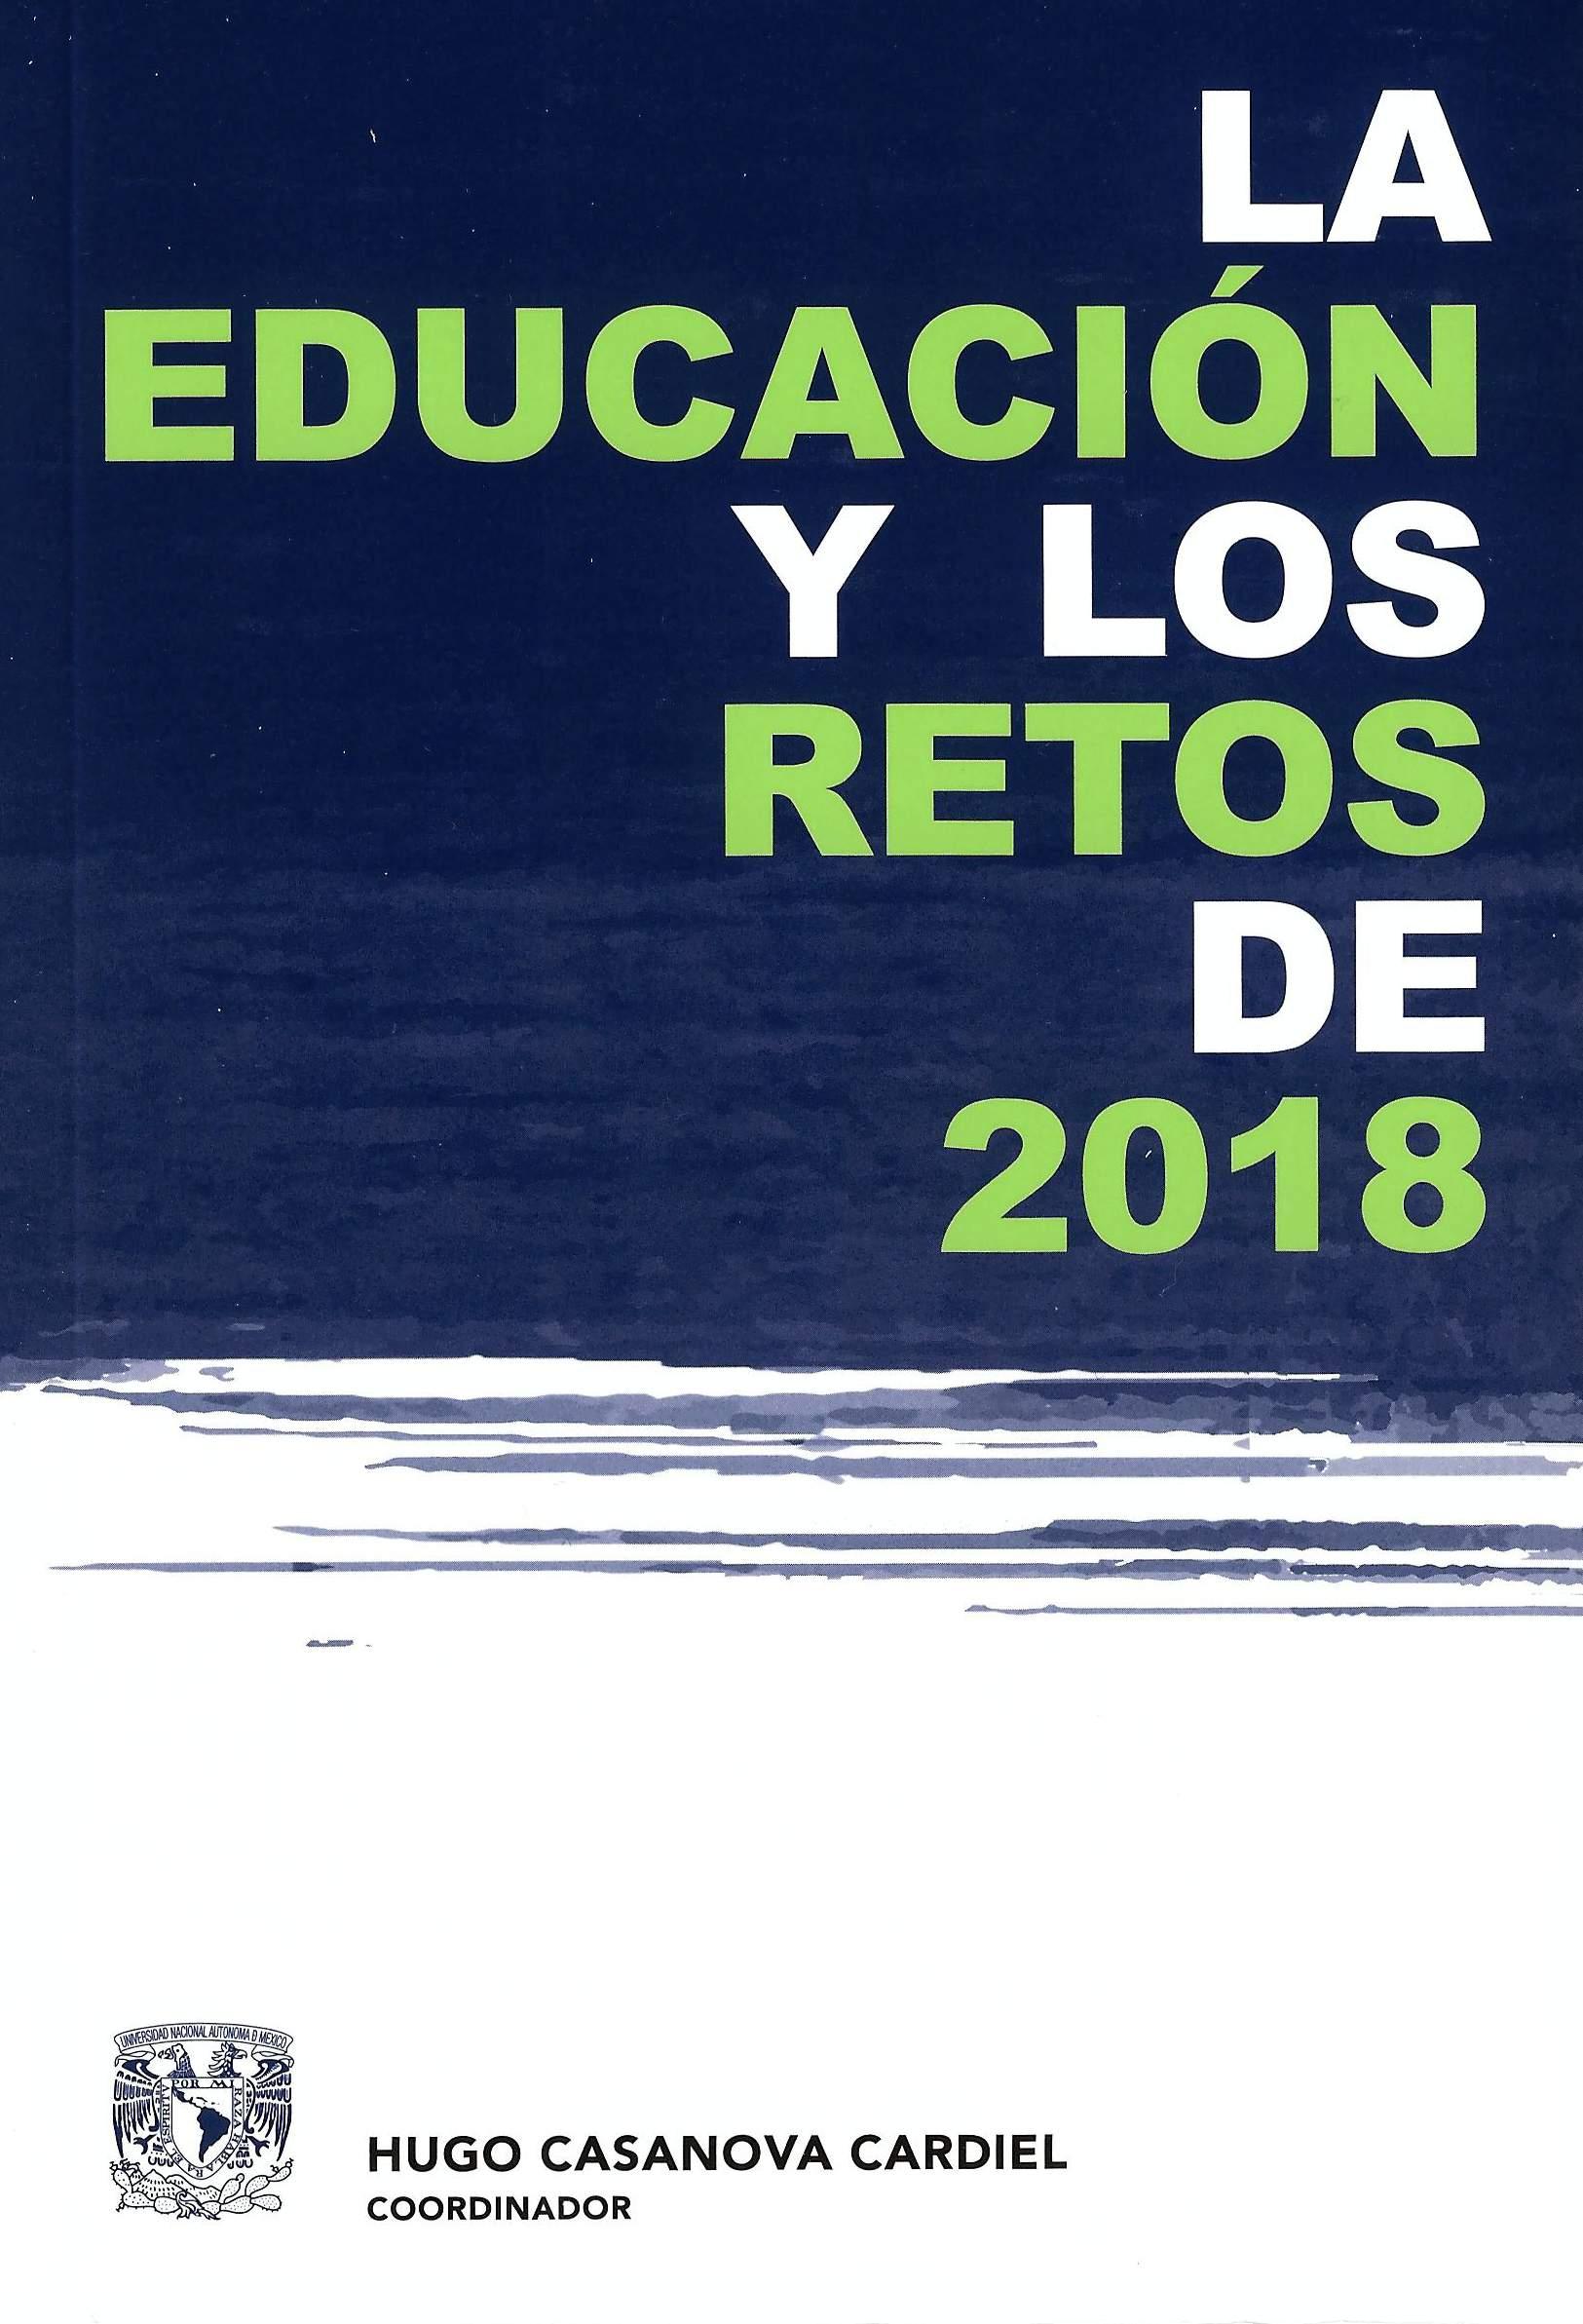 La educación y los retos de 2018: una visión académica